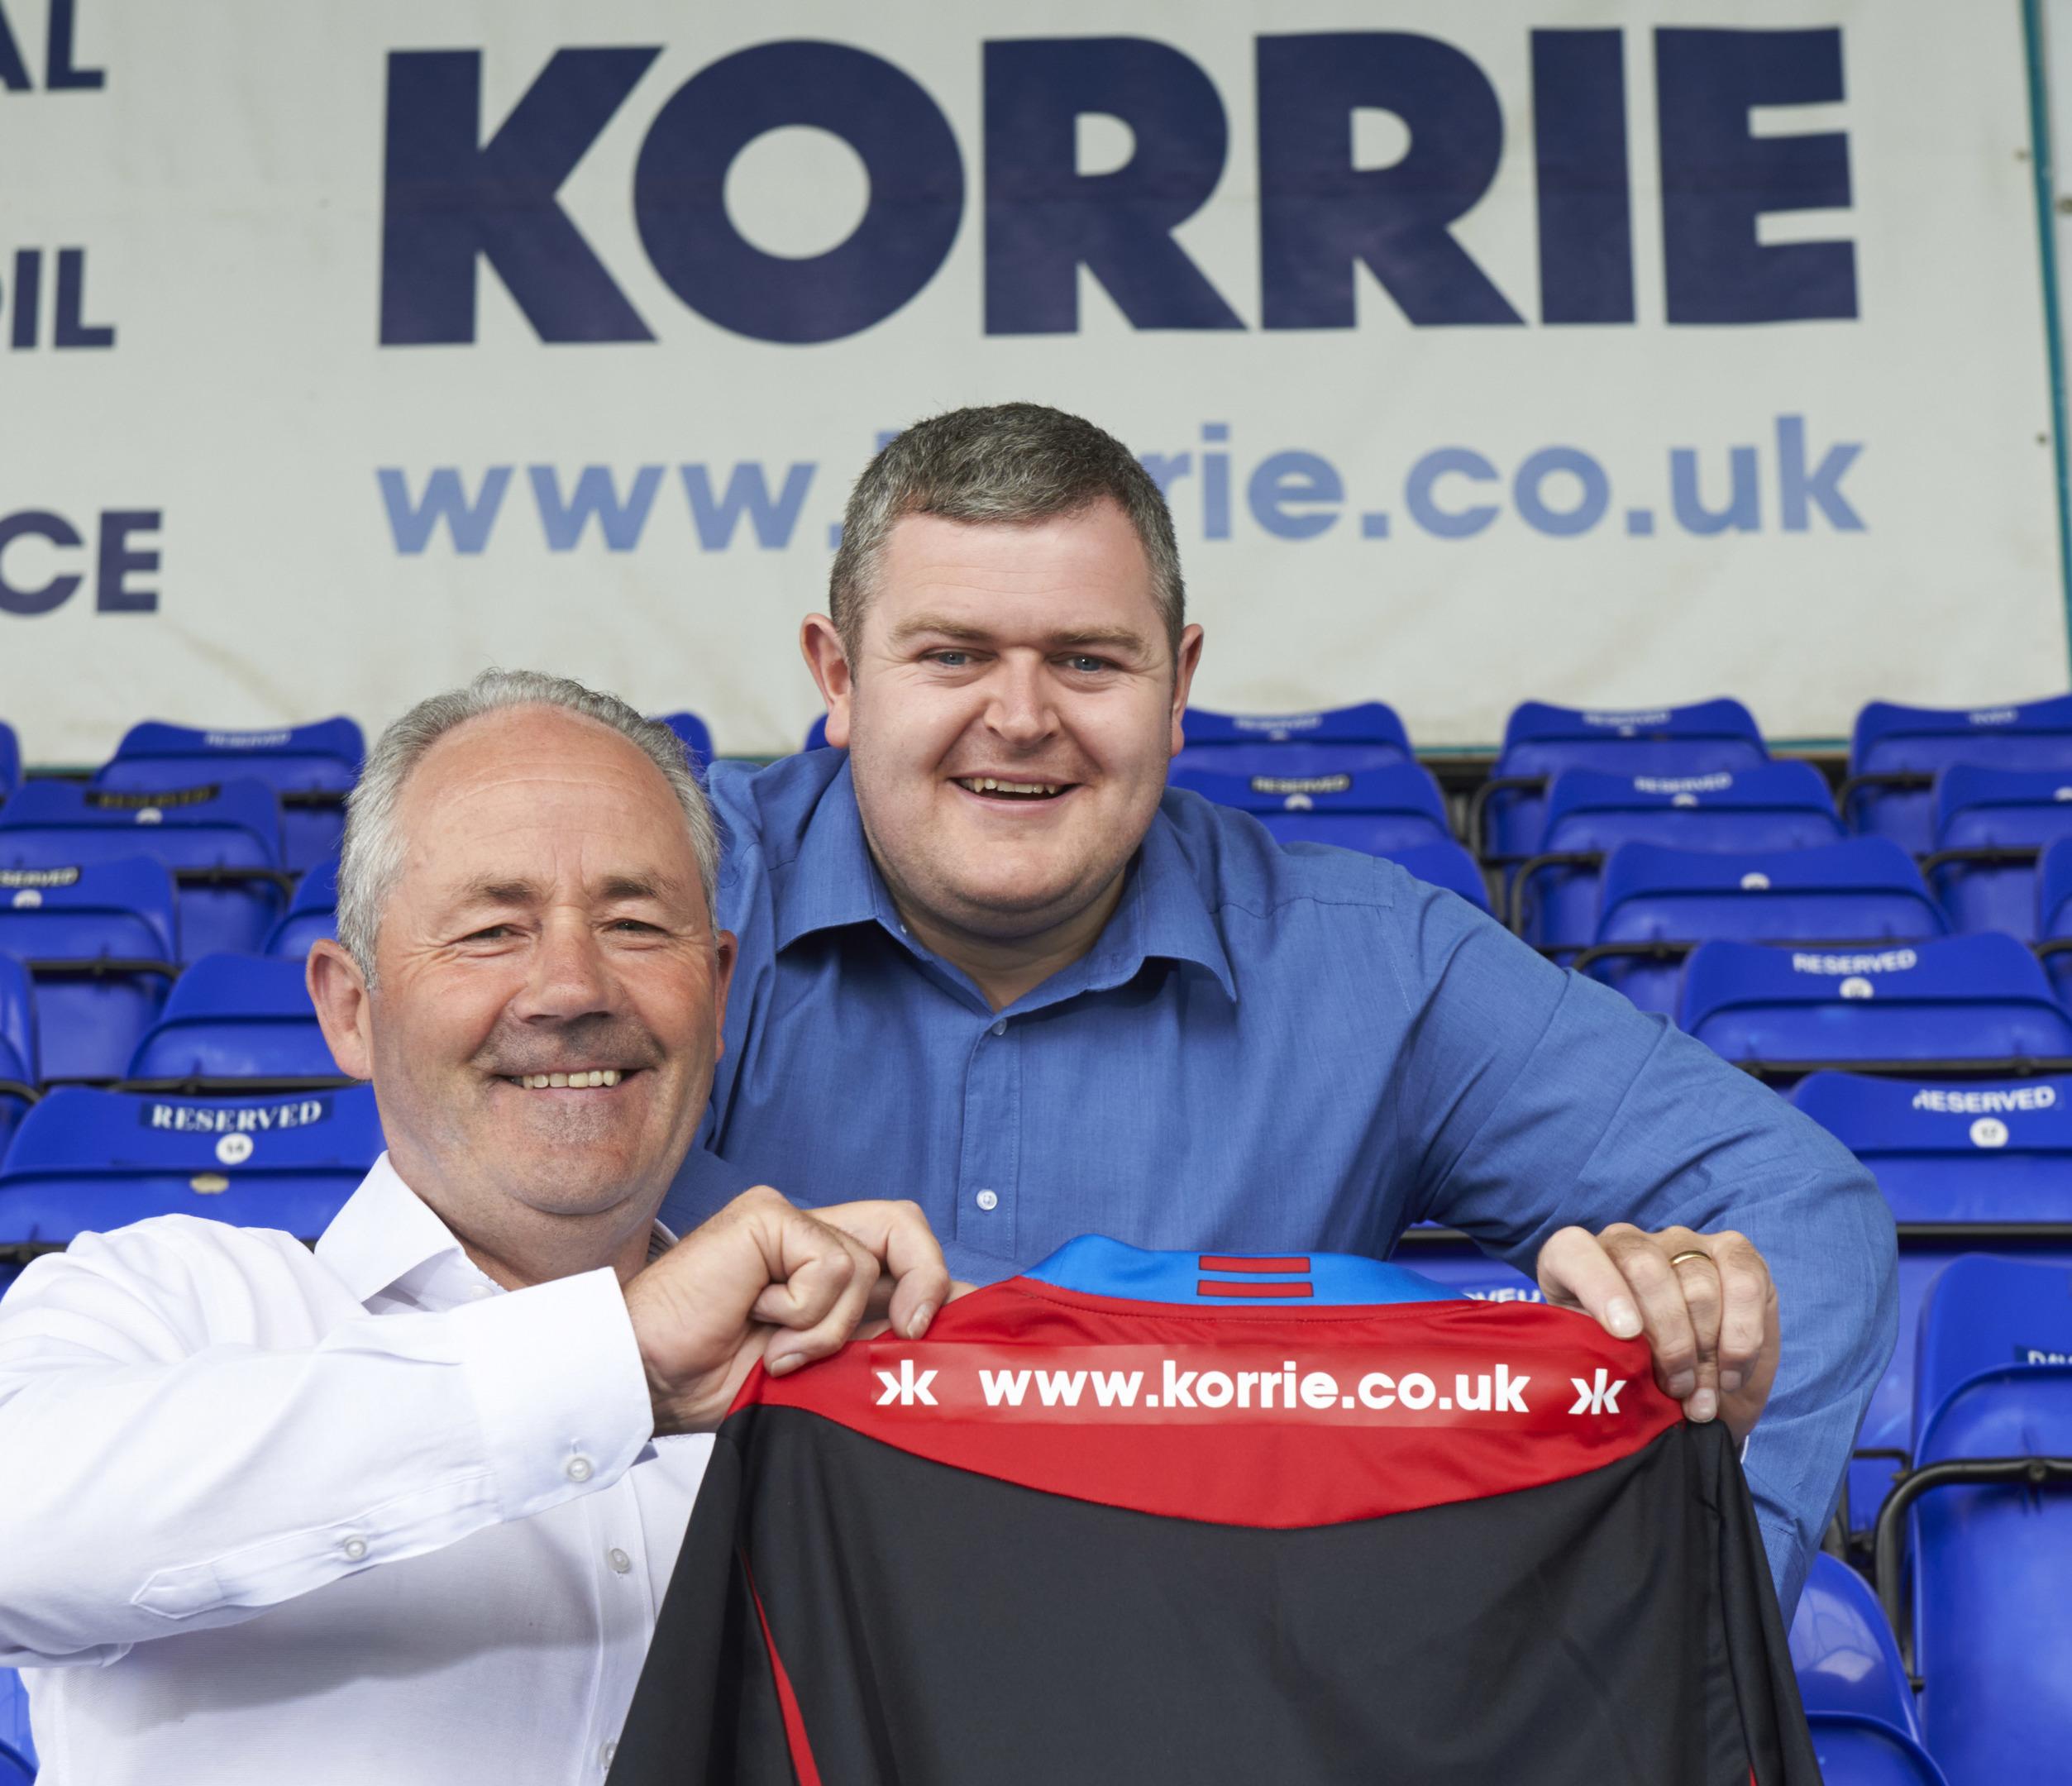 Korrie Group